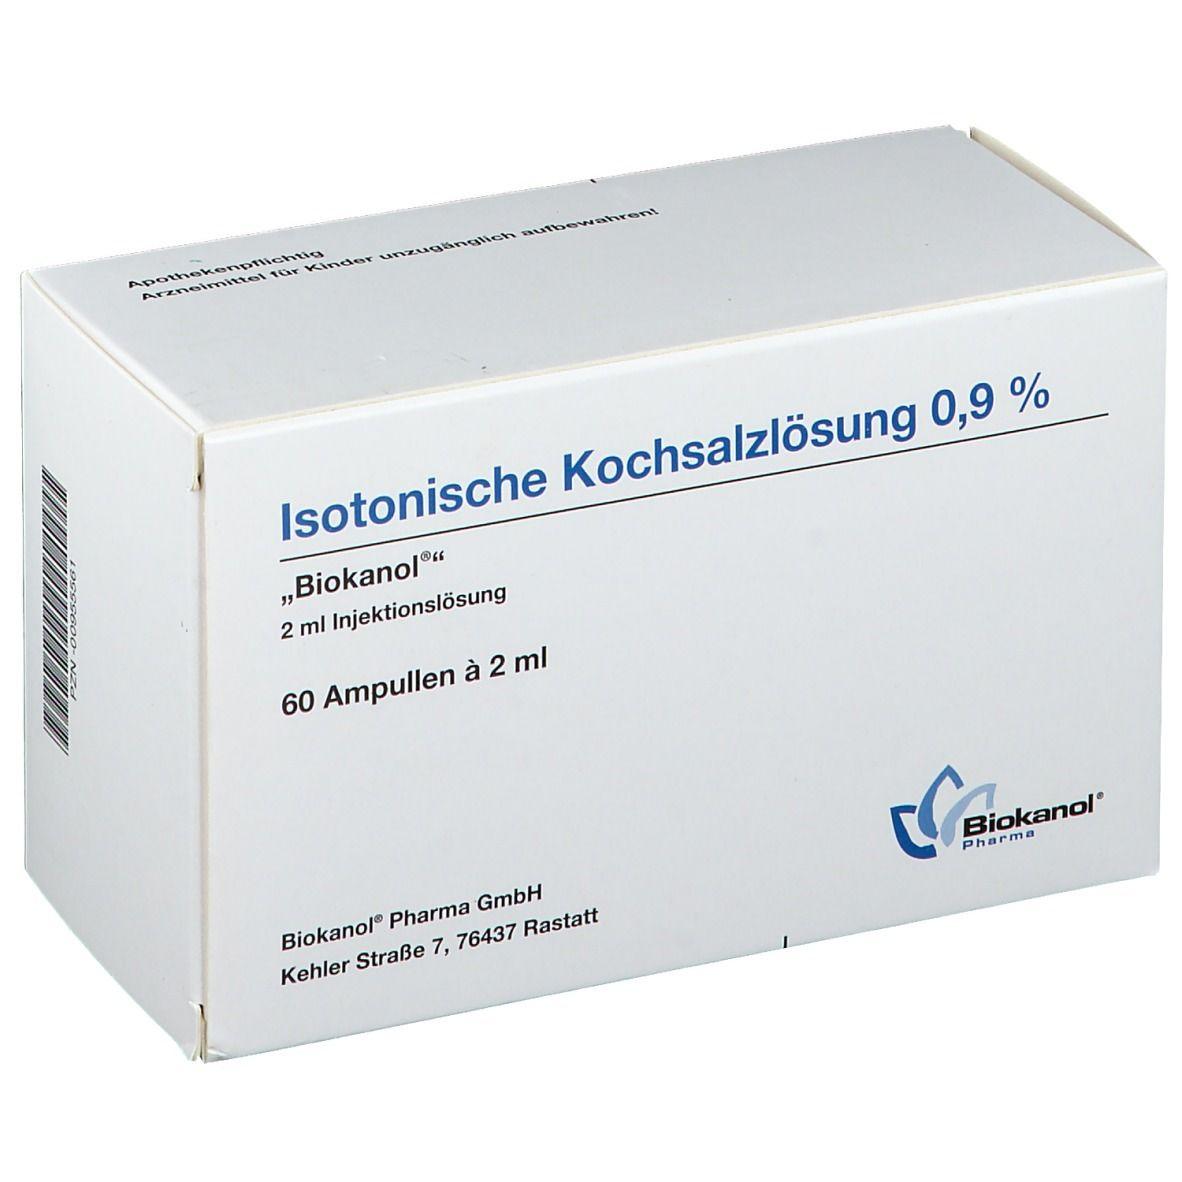 Isotonische Kochsalzlösung 0,9% Ampullen